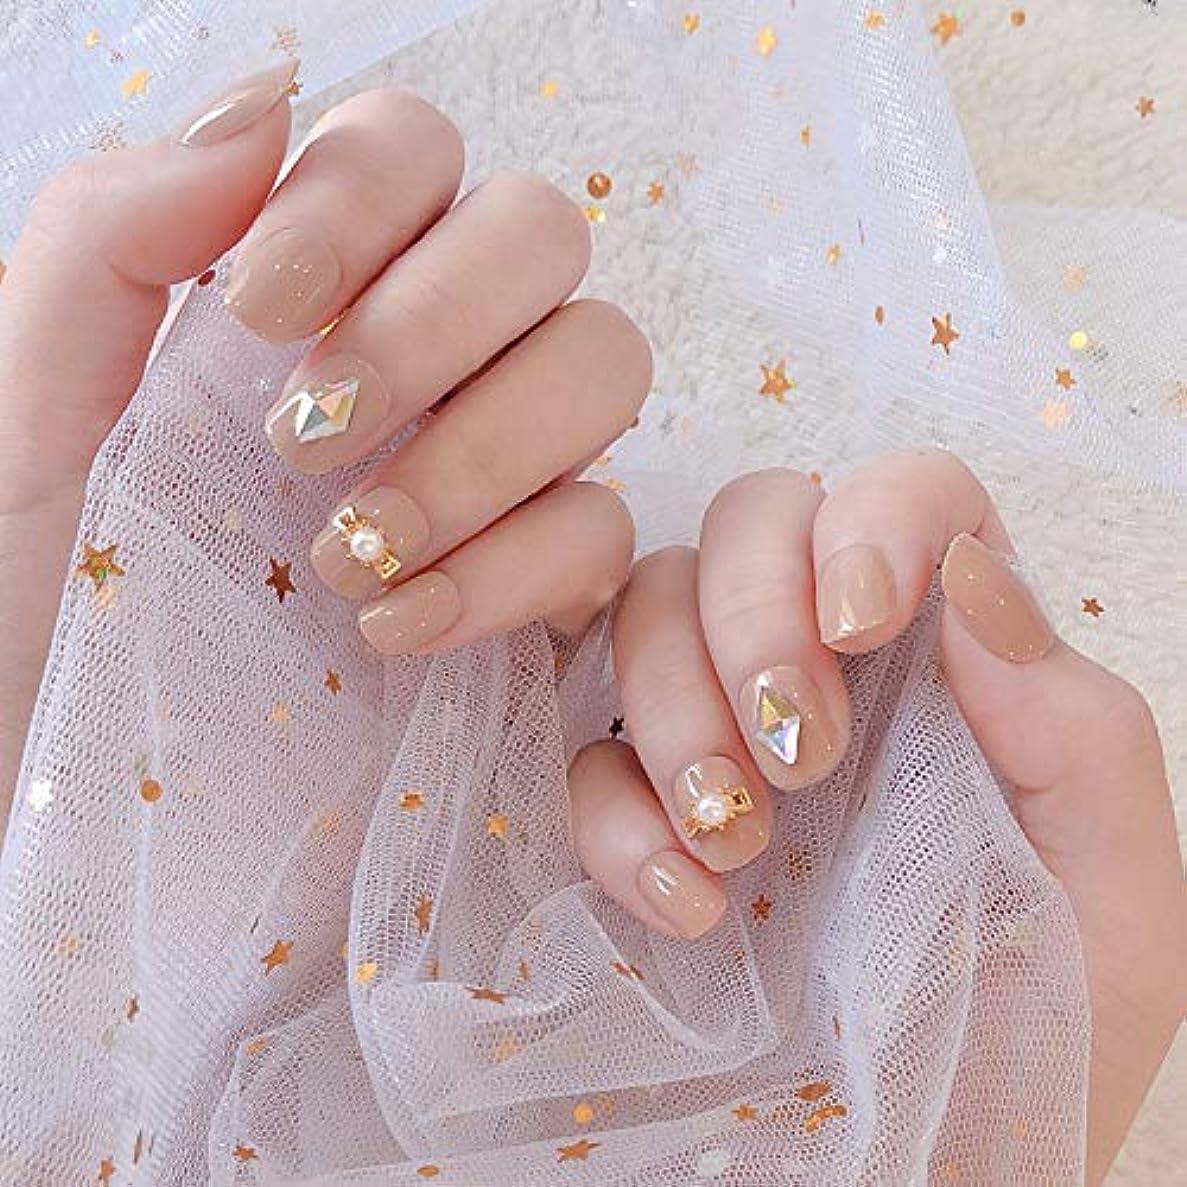 調停者モードリン翻訳XUTXZKA 光沢のあるダイヤモンド花嫁ネイルアートグリッド花ネイルステッカーショートフルカバー偽の爪